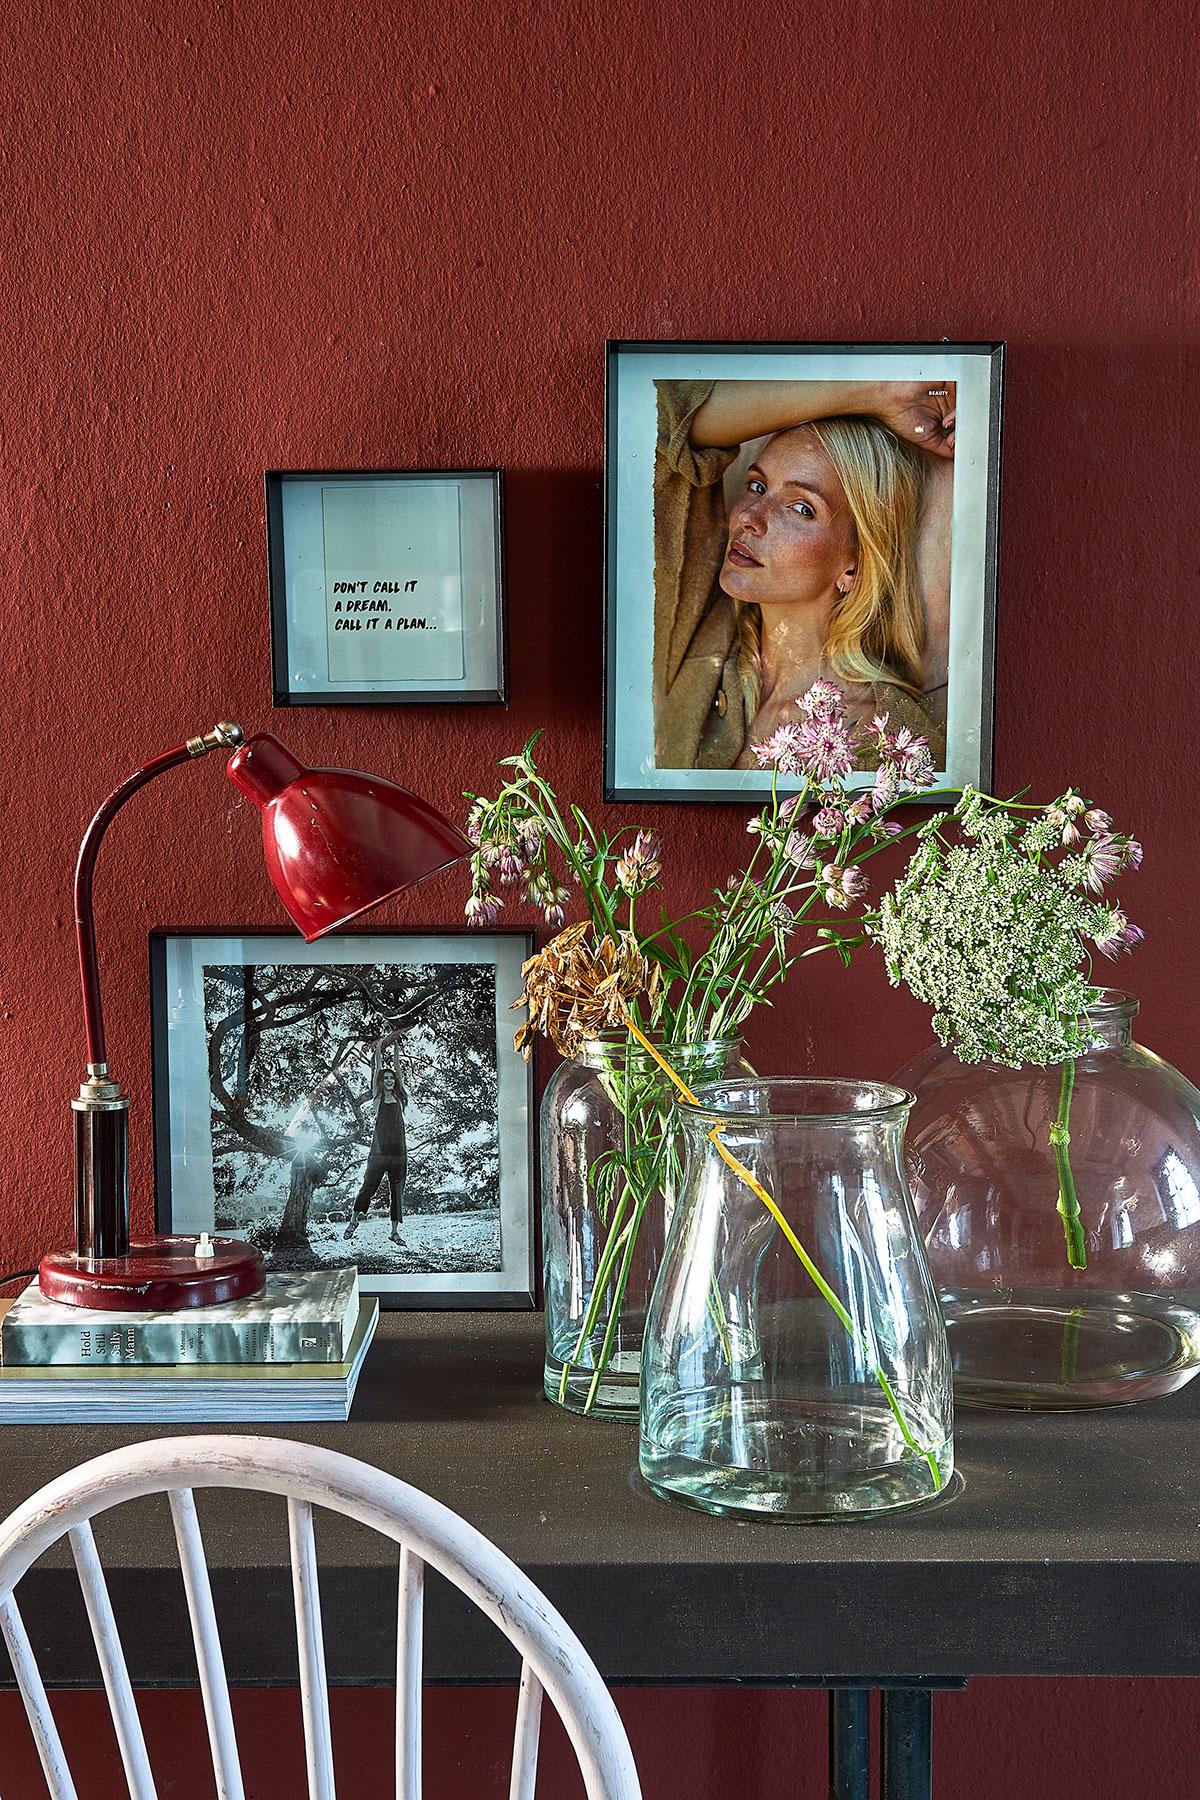 Interieur met bloemen en kaders van de nieuwe vtwonen collectie